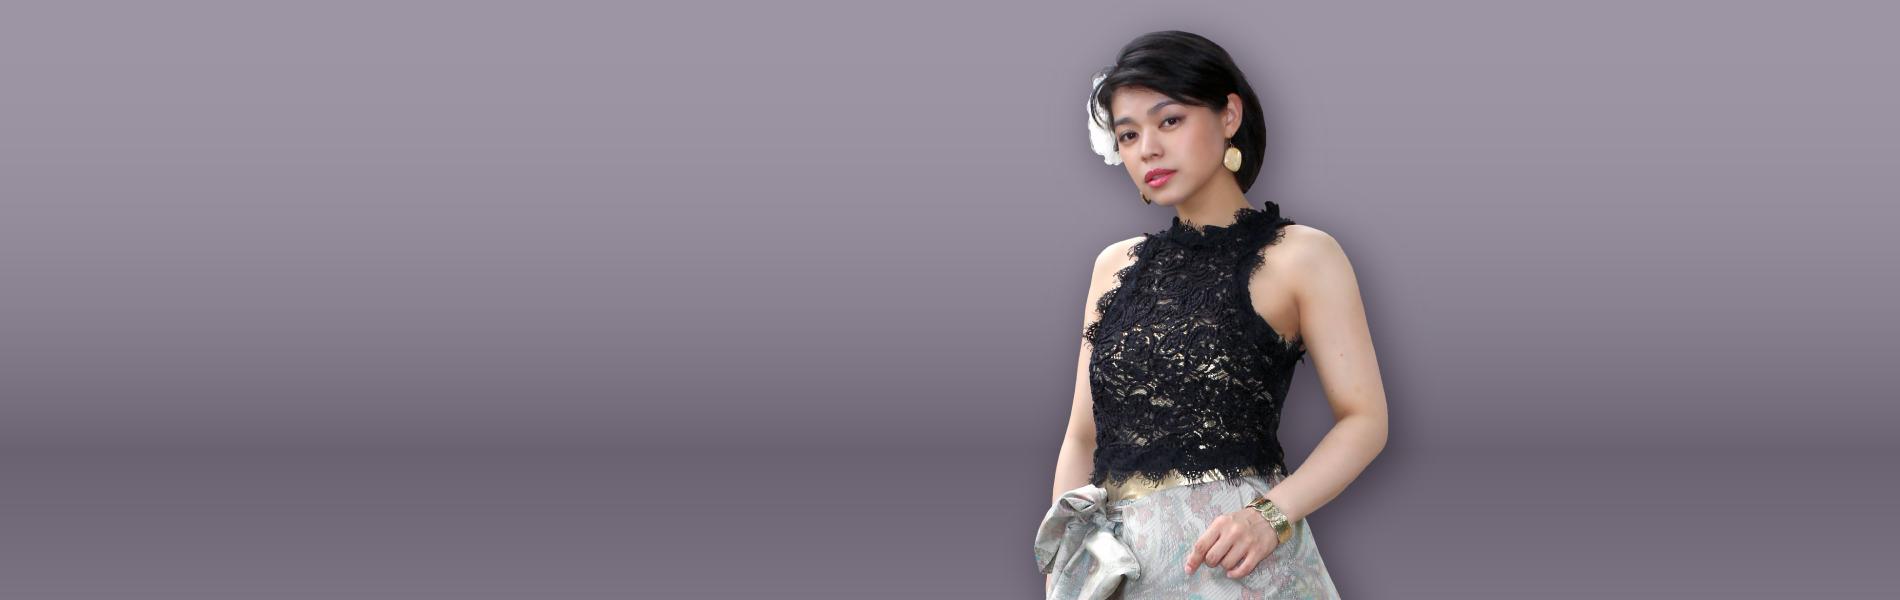 シンガーソングライター・エミリー公式サイト